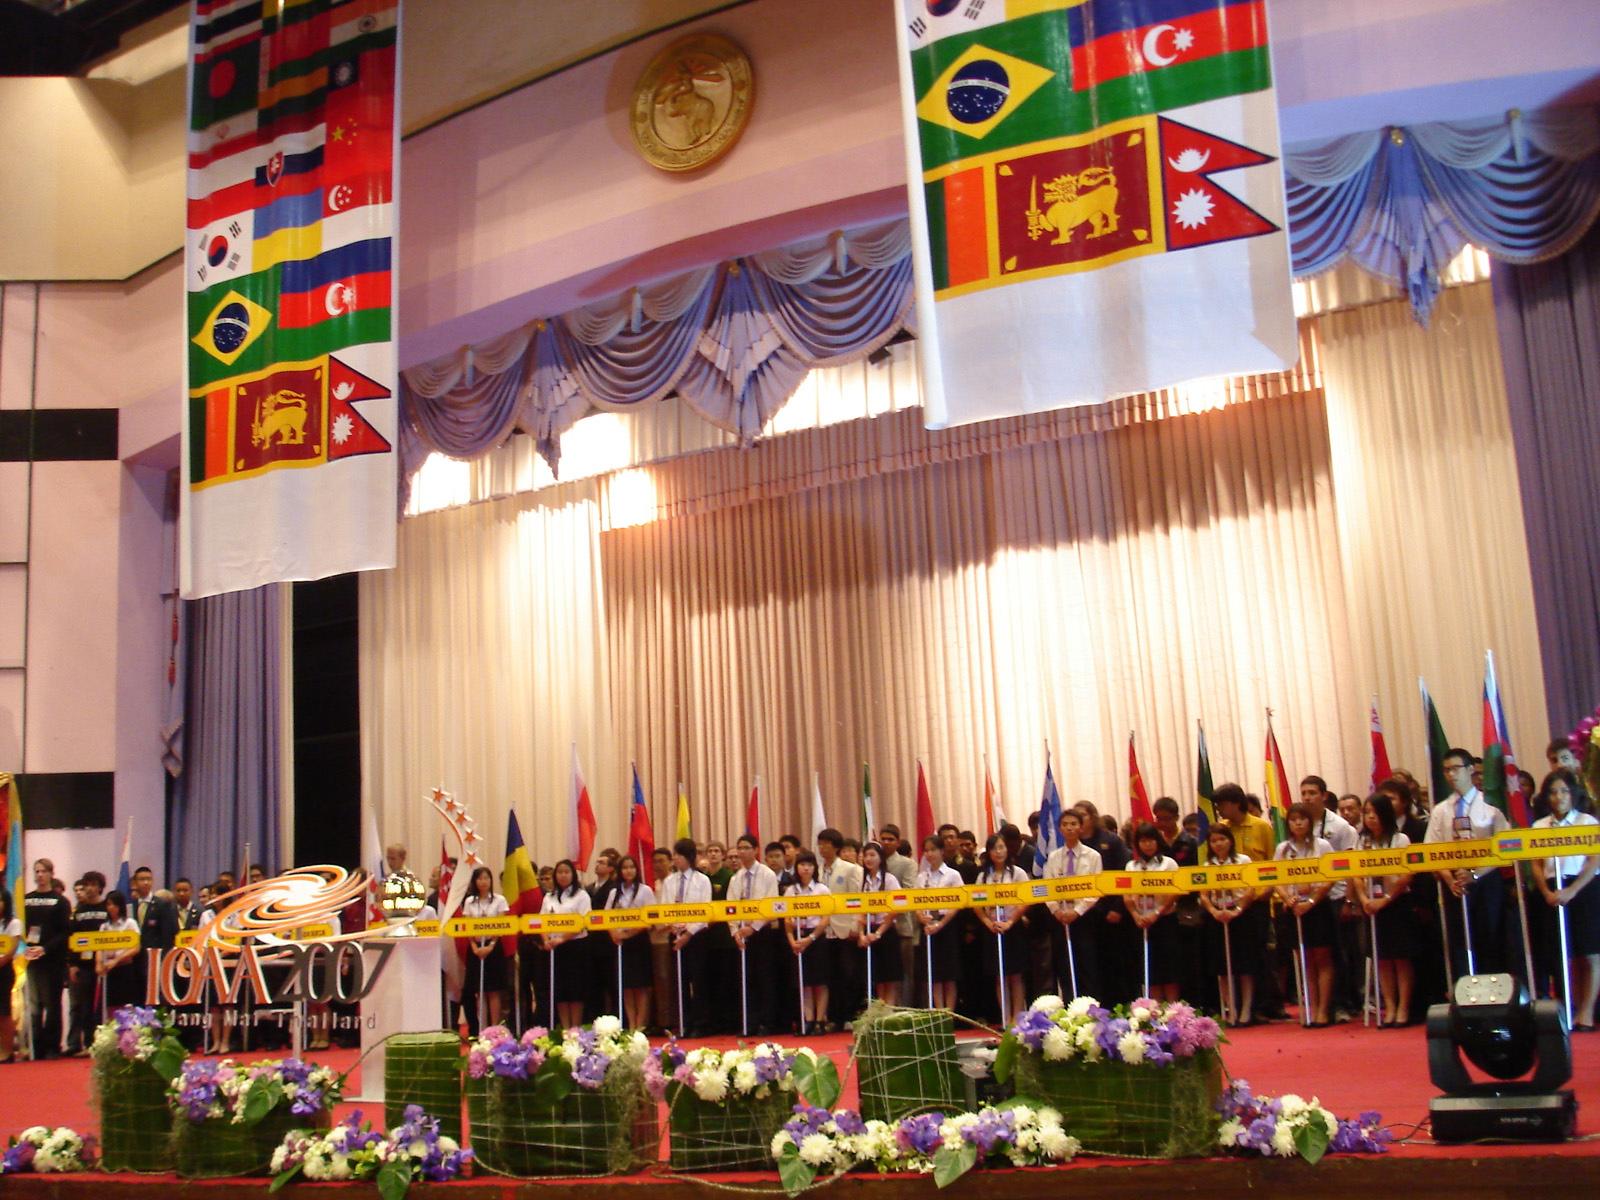 IOAA 2007 opening Ceremony